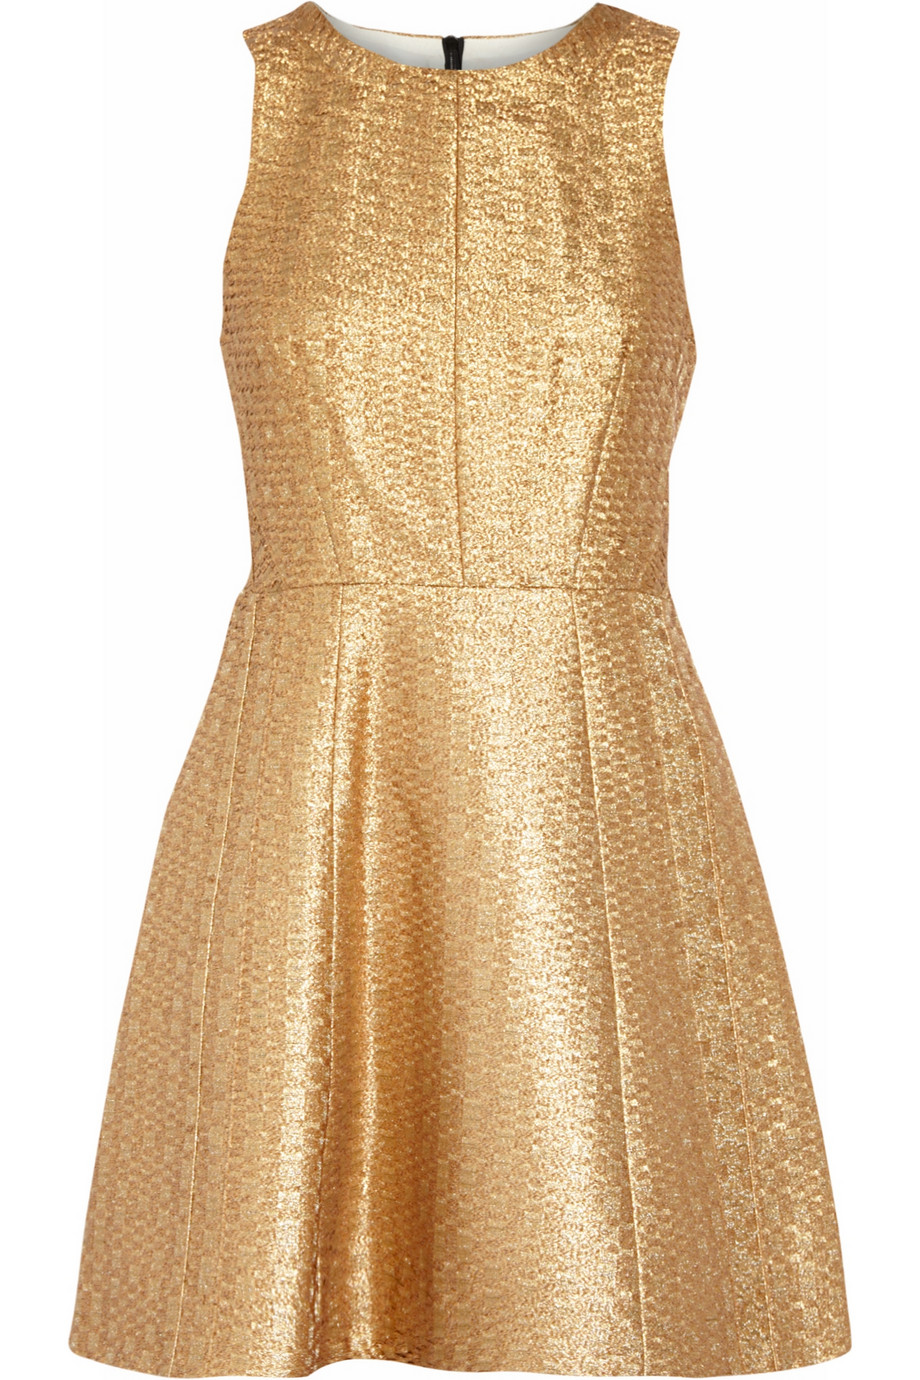 RAG&BONE Renard metallic jacquard dress